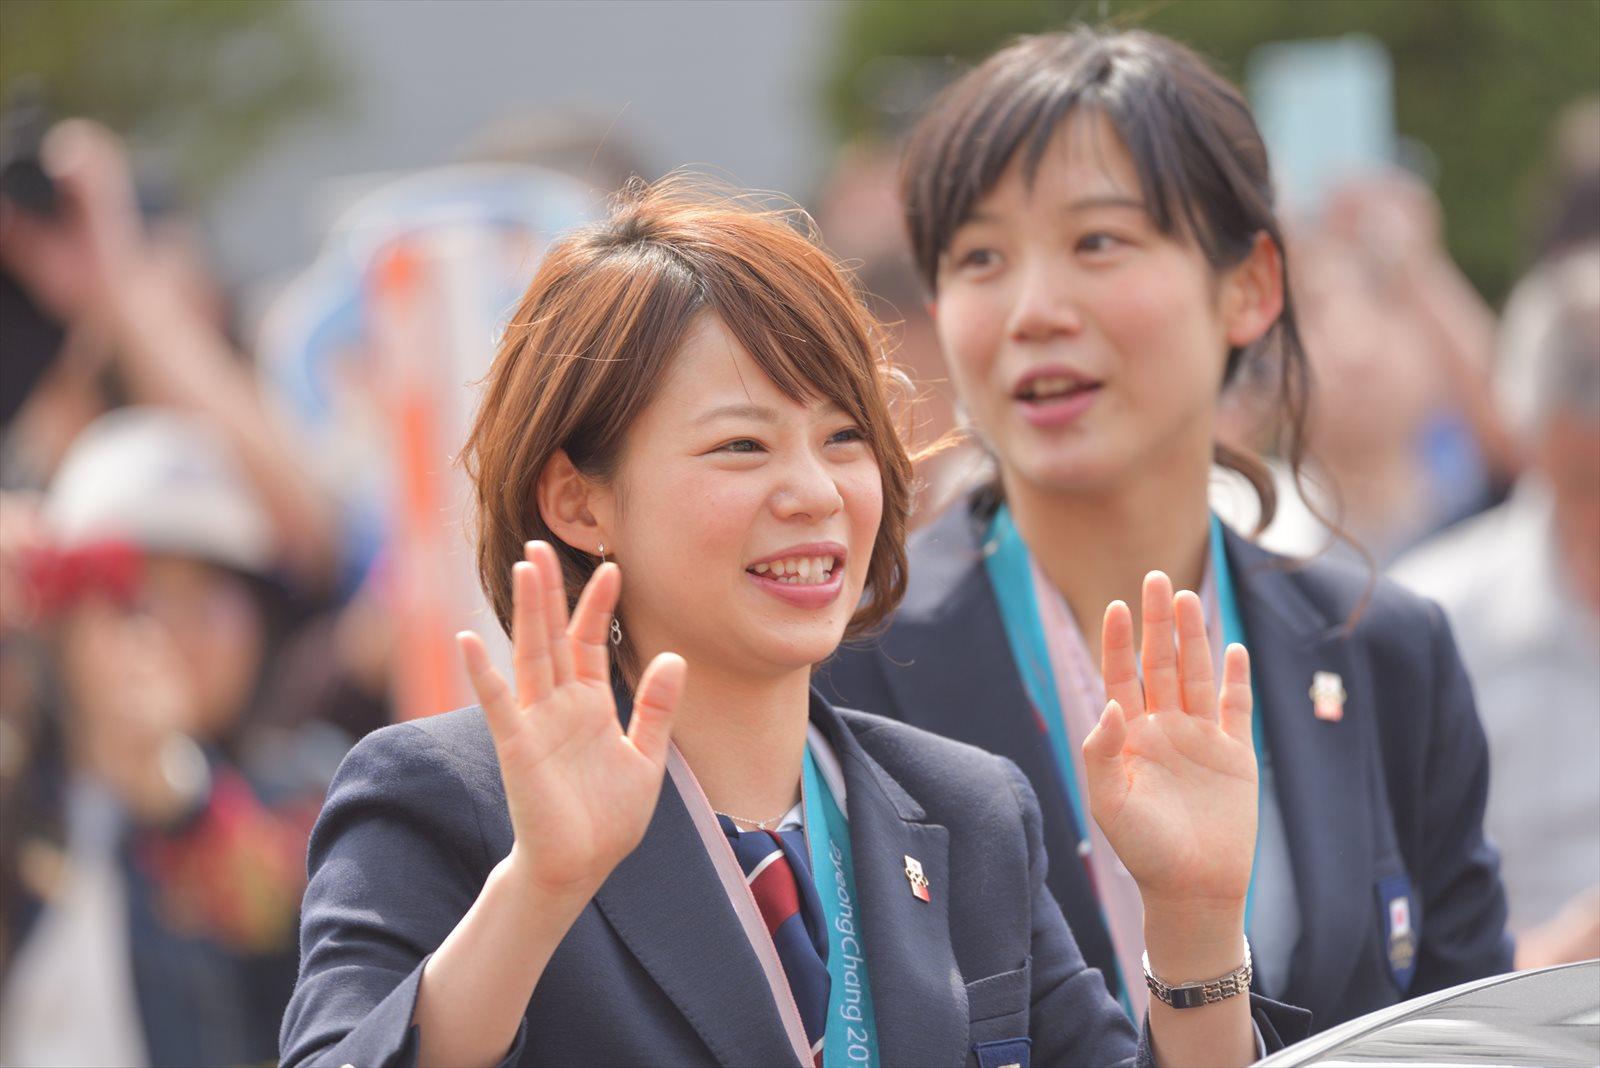 【幕別町】高木姉妹のパレードを見てきました。_a0145819_21531419.jpg